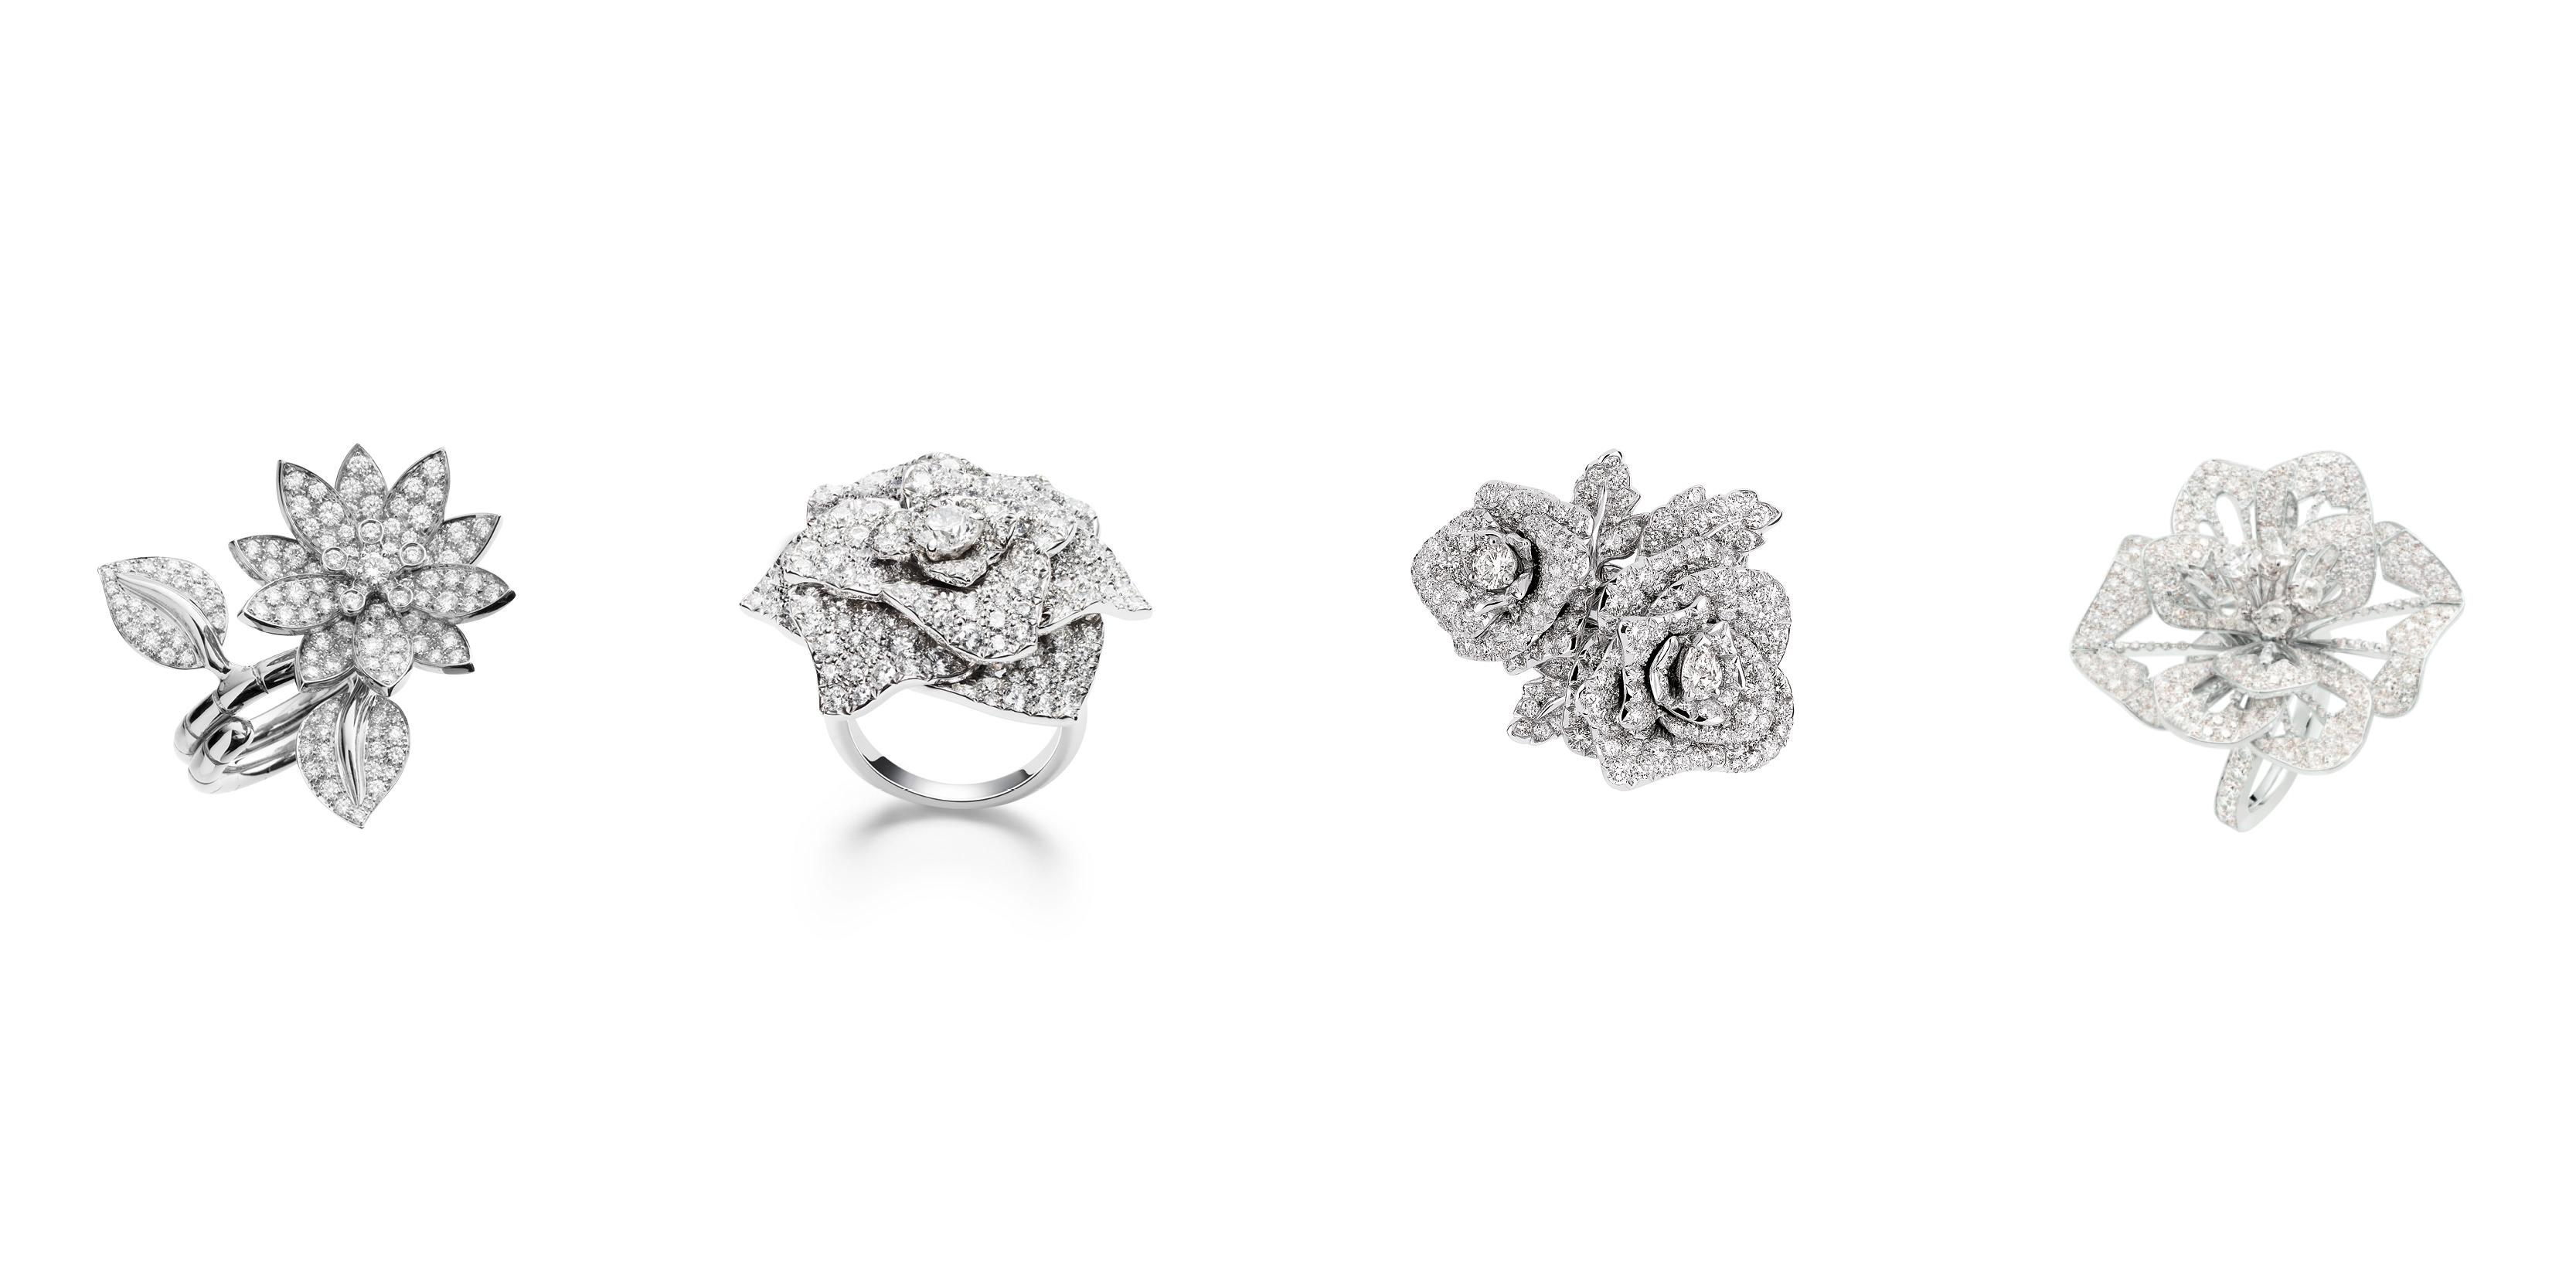 """""""Pensée de Diamants"""", BOUCHERON. """"Piaget Rose"""", PIAGET. """"Rose Dior Bagatelle"""", DIOR. """"Entre les Doigts Lotus"""", VAN CLEEF & ARPELS.    Selection byRebecca Bleynie."""